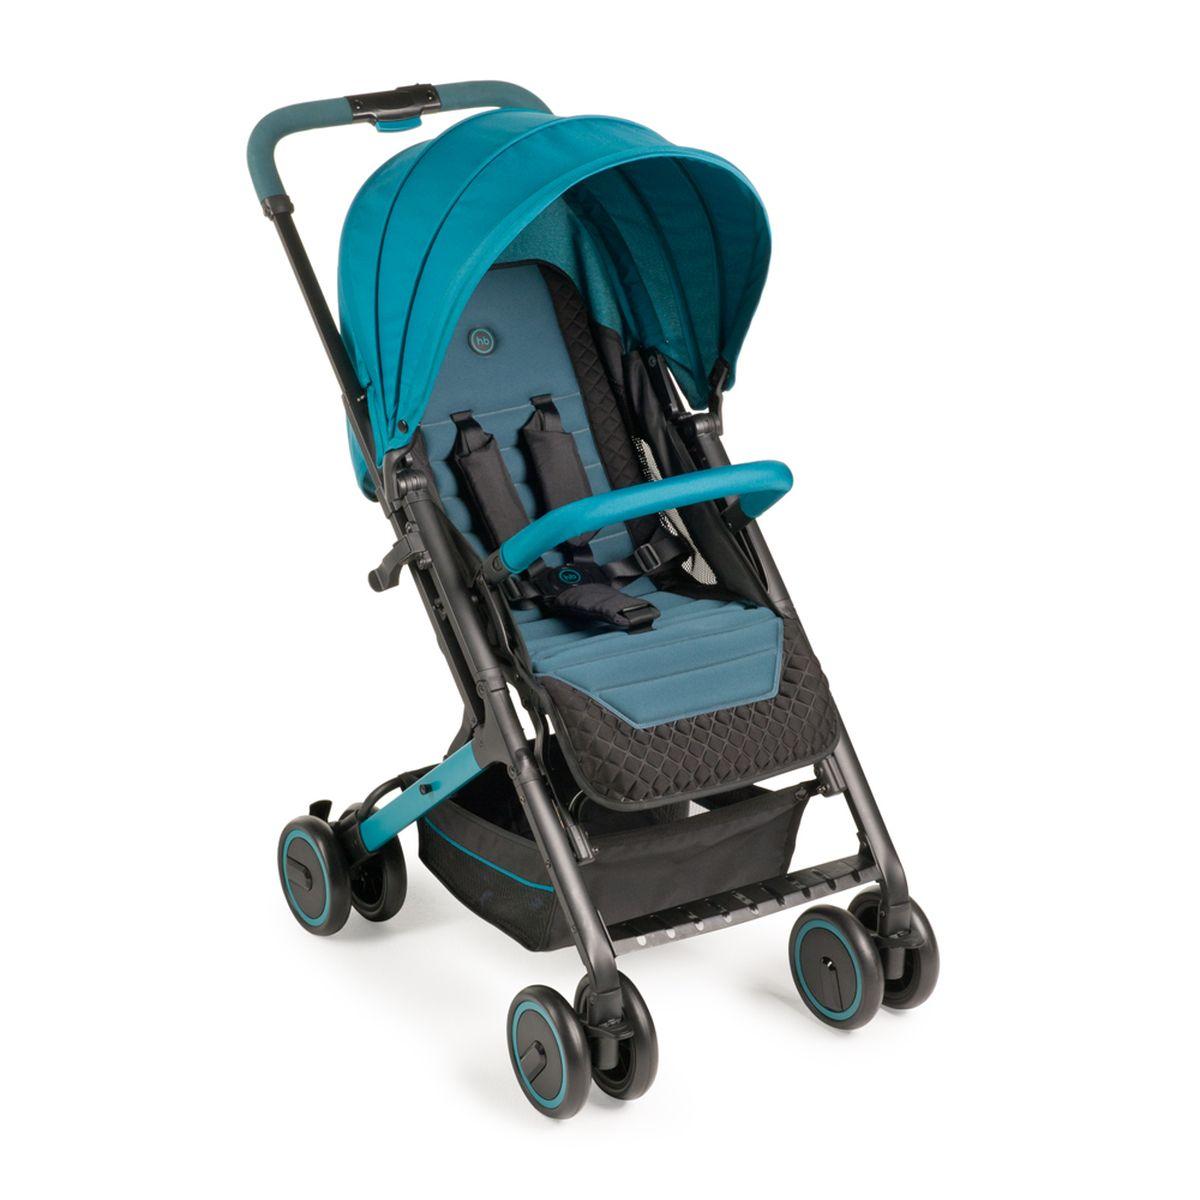 Happy Baby Коляска прогулочная Jetta Marine4650069783121Коляска JETTA покорит вас своим стильным видом и отличными ходовыми данными. Плавный ход коляски обеспечивают двойные колеса, при этом передние поворачиваются на 360° и могут фиксироваться. Передние и задние колеса оснащены амортизацией, что позволяет преодолевать ступеньки с комфортом для ребенка. Коляска JETTA легко складывается одной рукой, имеет съемный бампер, регулируемую с помощью ремня спинку, а также вместительную корзину. ХАРАКТЕРИСТИКИ • Плавная регулировка наклона спинки, количество положений не ограничено • Регулируемая подножка, 3 положения • Регулируемая по высоте ручка, 3 положения • Пятиточечные ремни безопасности с мягкими накладками • Колеса: пластиковые с покрытием PP (полипропилен) • Диаметр колес: 15 см • Передние поворотные колеса с возможностью фиксации • Удобная тормозная педаль на заднем колесе • Амортизация на передних и задних колесах • Вместительная корзина для покупок • В комплекте: дождевик, чехол на ножки, москитная сетка • Возраст: от 7 месяцев •...